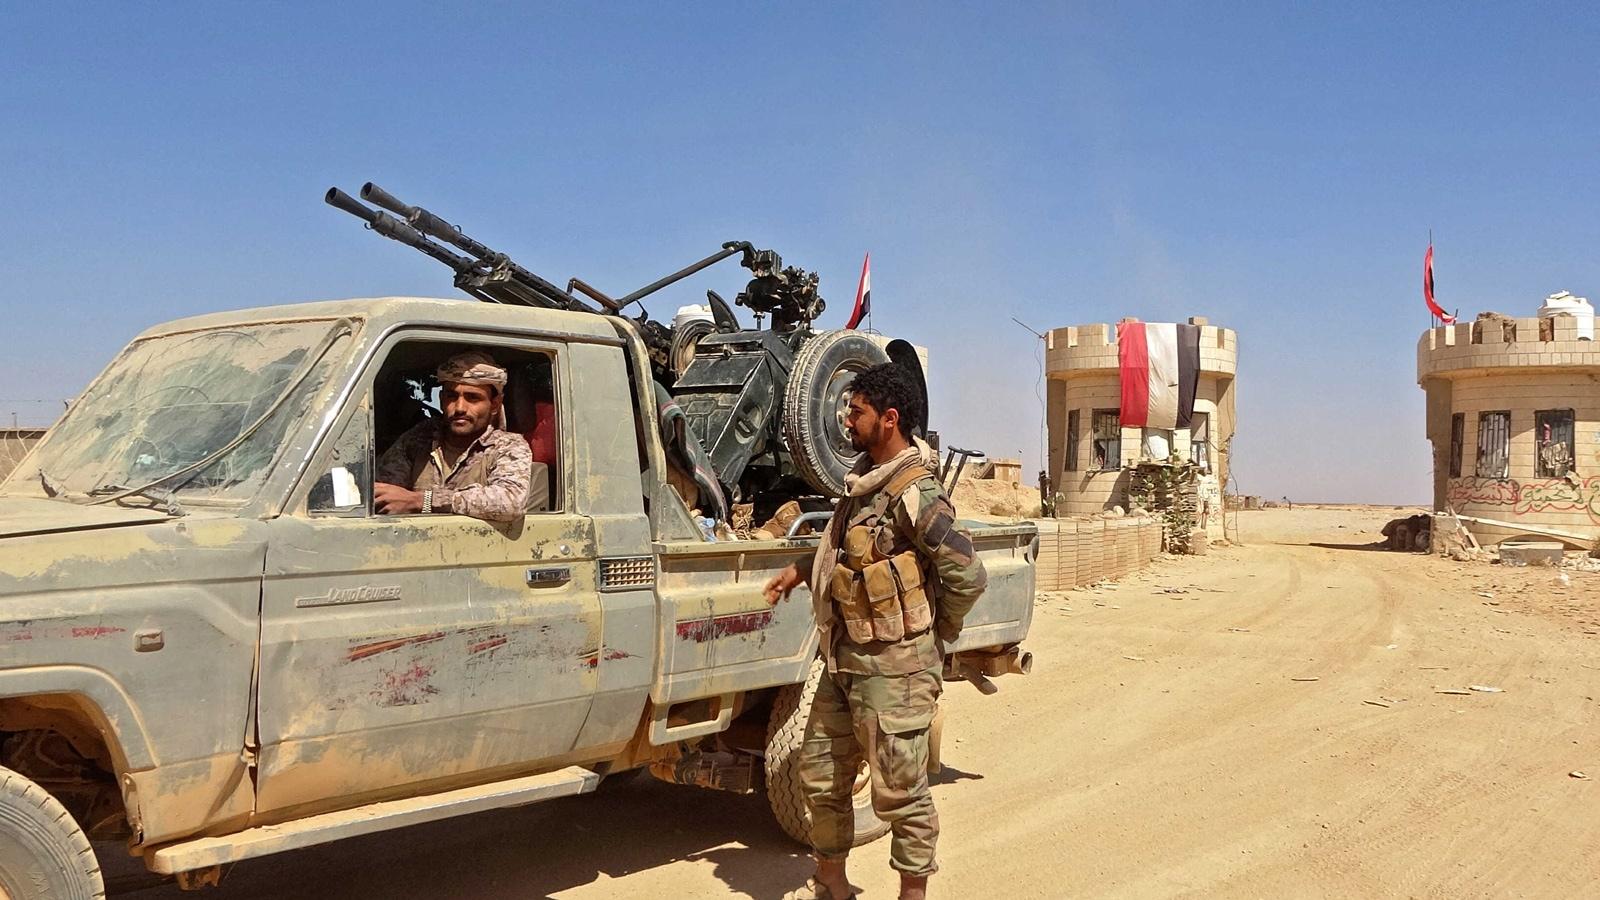 ما تأثير سيطرة ميليشيات الحوثي على مديريتي الجوبة وجبل مراد على مسار الحرب في اليمن؟